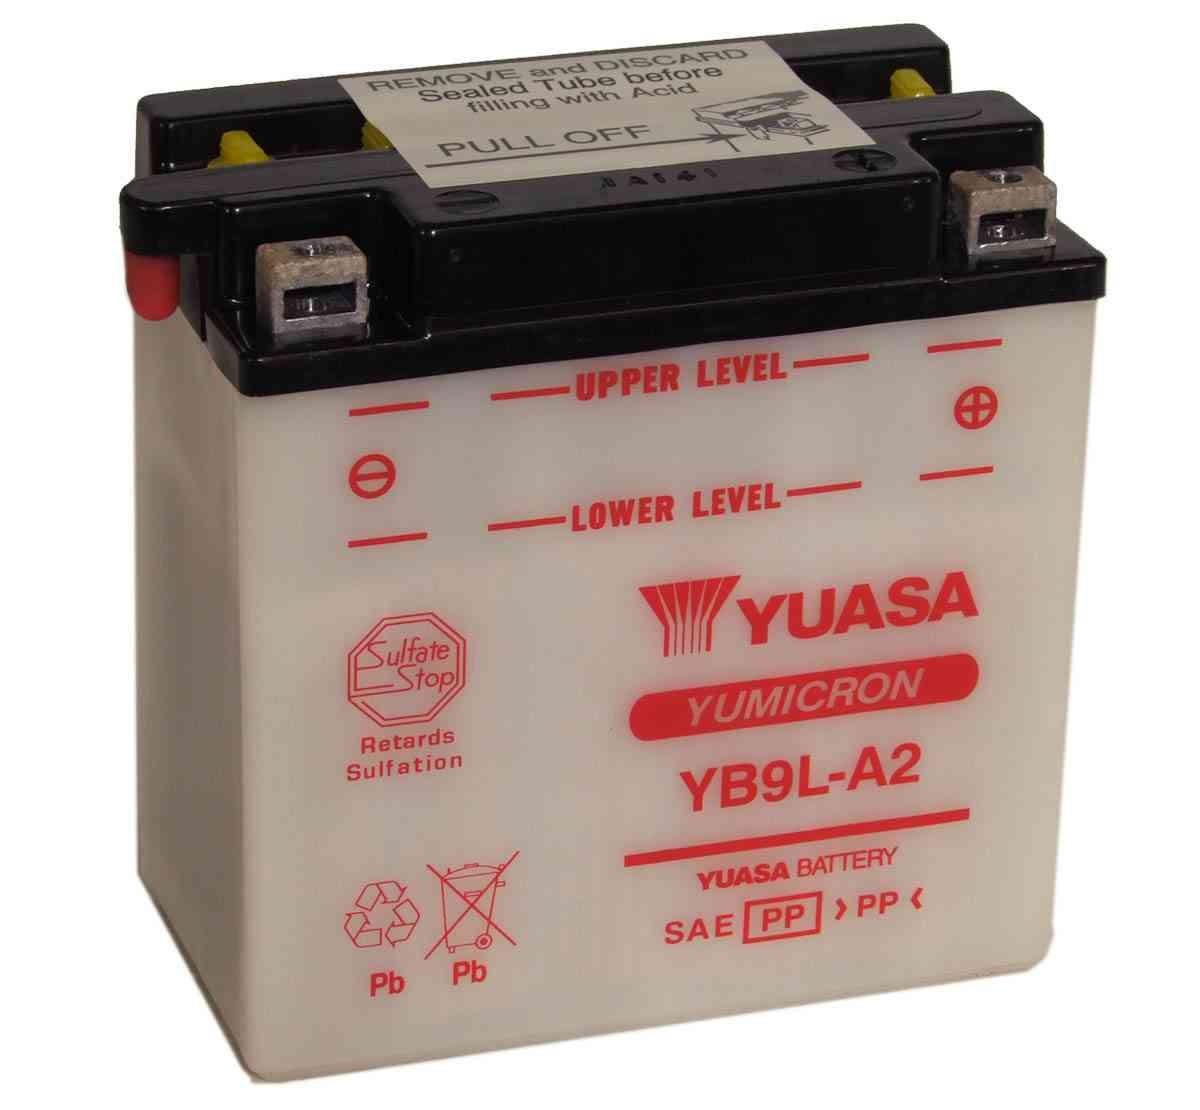 Bateria para moto o ciclomotor marca YUASA modelo YB9L-A2 de 12v 9Ah